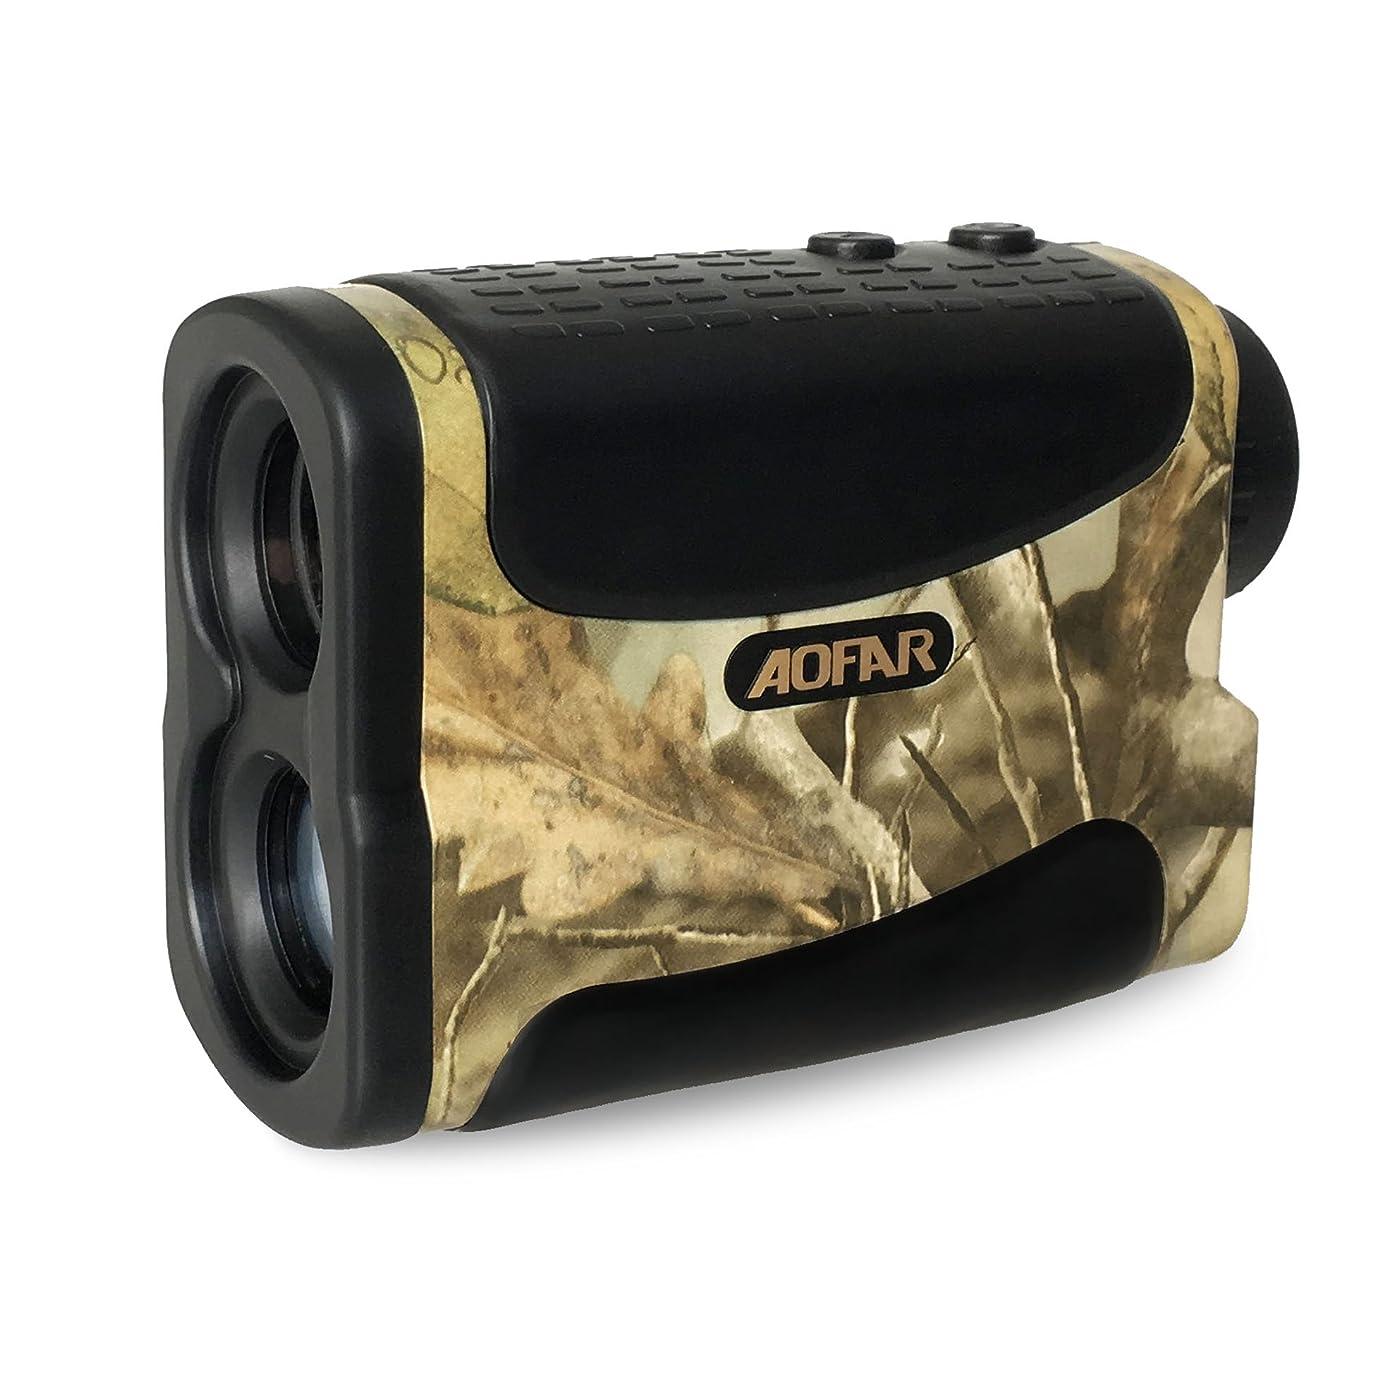 フローティング床連隊Posma GF600 最新ゴルフレンジファインダー - 600m測距ハンディレーザーレンジファインダー 、 4 モード、 ゴルフ時外部LCD焦点調節 赤 Golf Laser Range Finder Golf Scope Monocular Distance Meter Red